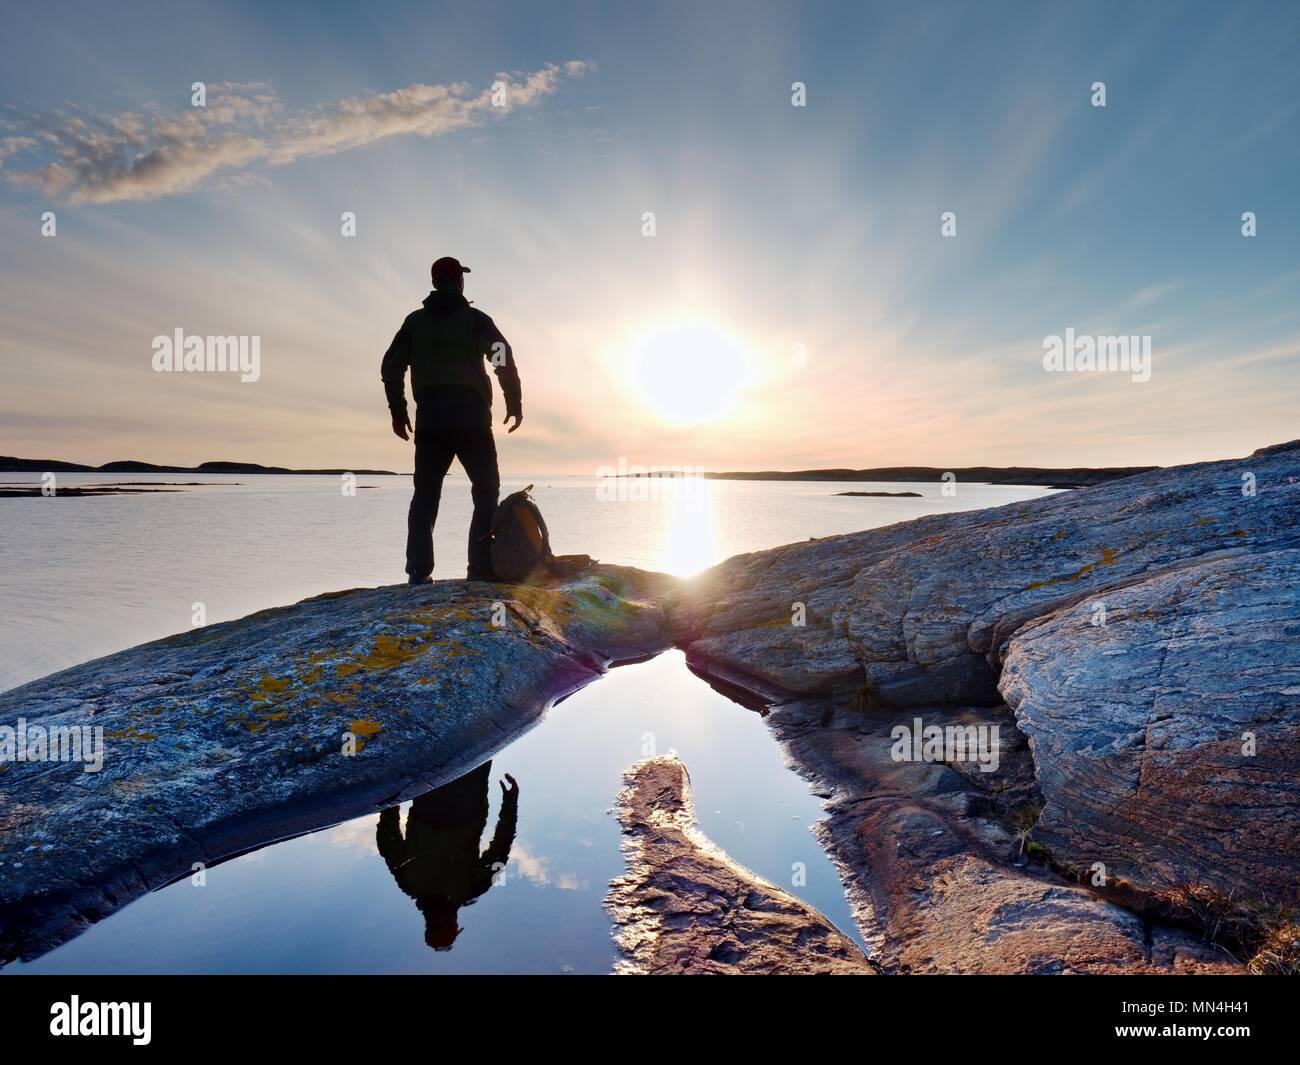 Silhouette de l'homme seul à la dynamique vers le coucher du soleil. Flare et reflétée dans les eaux peu profondes du niveau de la mer Photo Stock